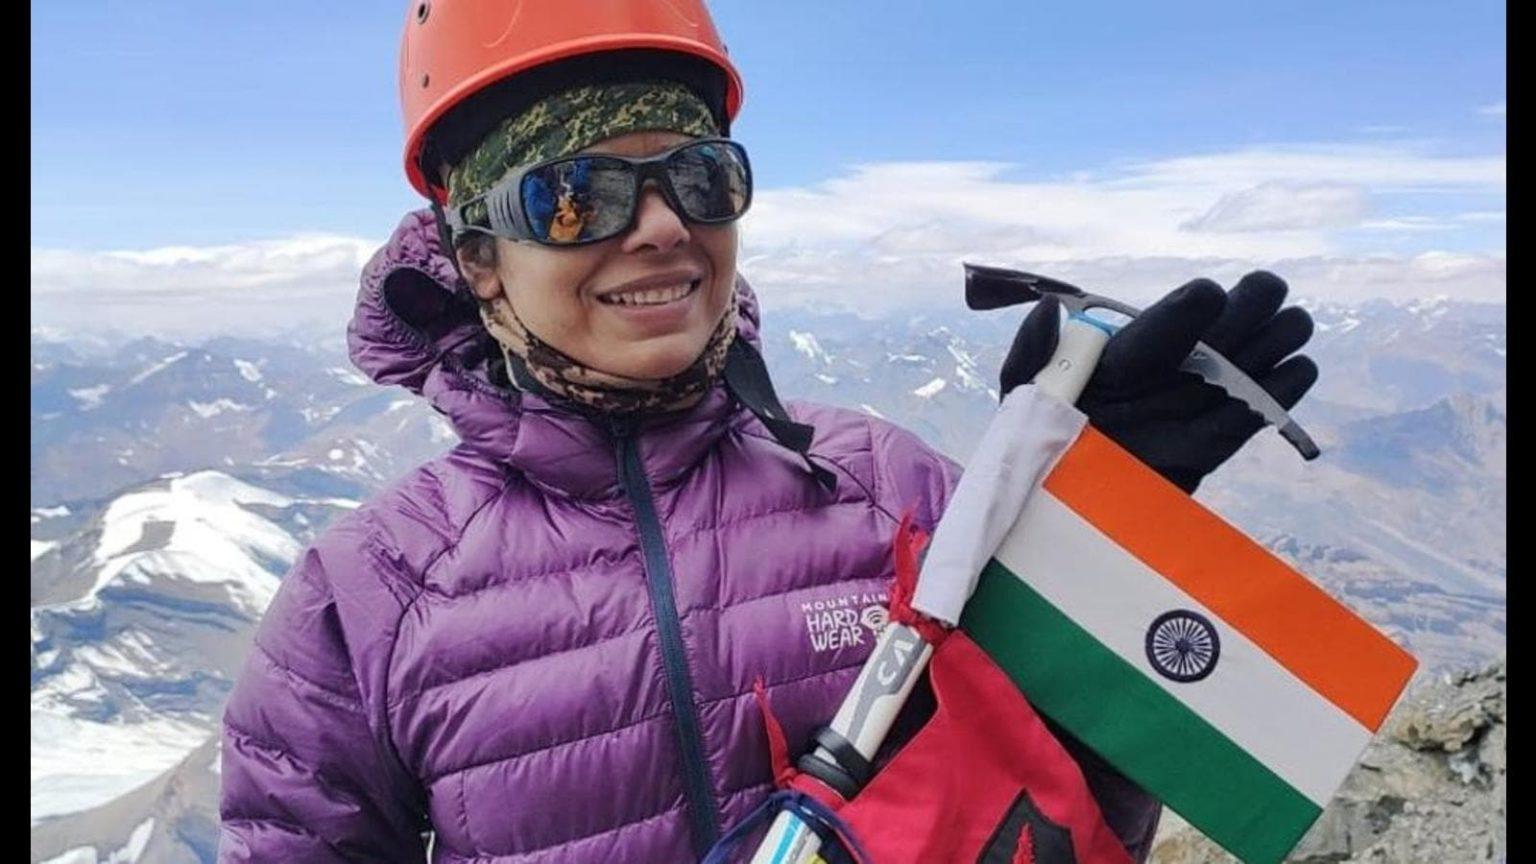 All-women team of three armed forces summits Mt Manirang   Mt మణిరాంగ్ ను అధిరోహించిన ఆల్ ఉమెన్ ట్రై-సర్వీసెస్ పర్వతారోహణ బృందం  _40.1